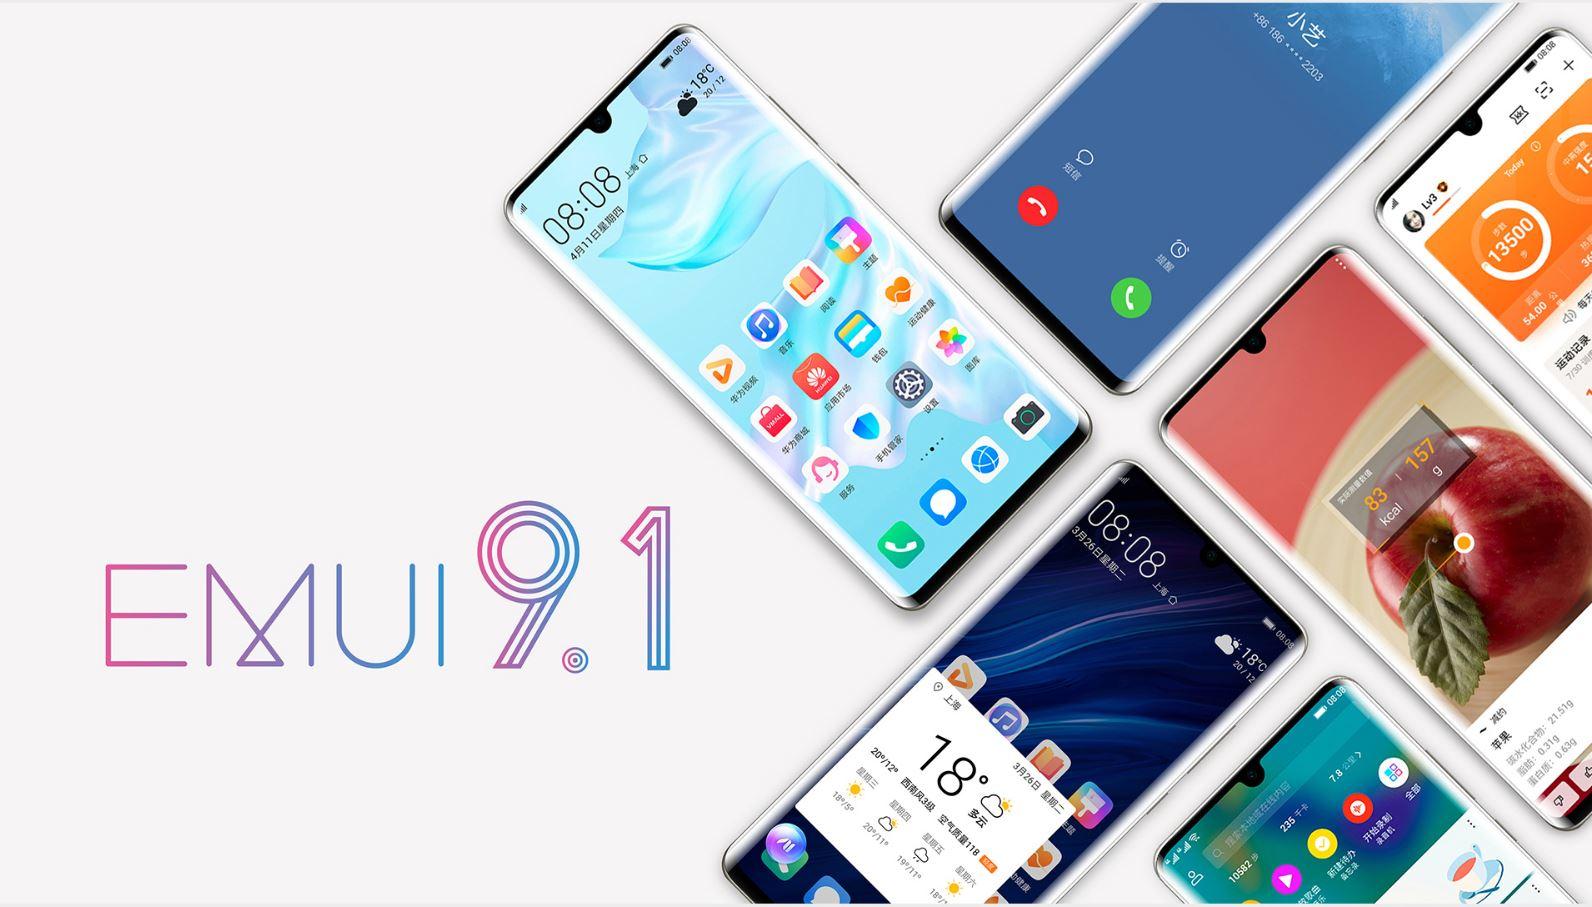 14 смартфонов Honor иHuawei обновляются доEMUI 9.1